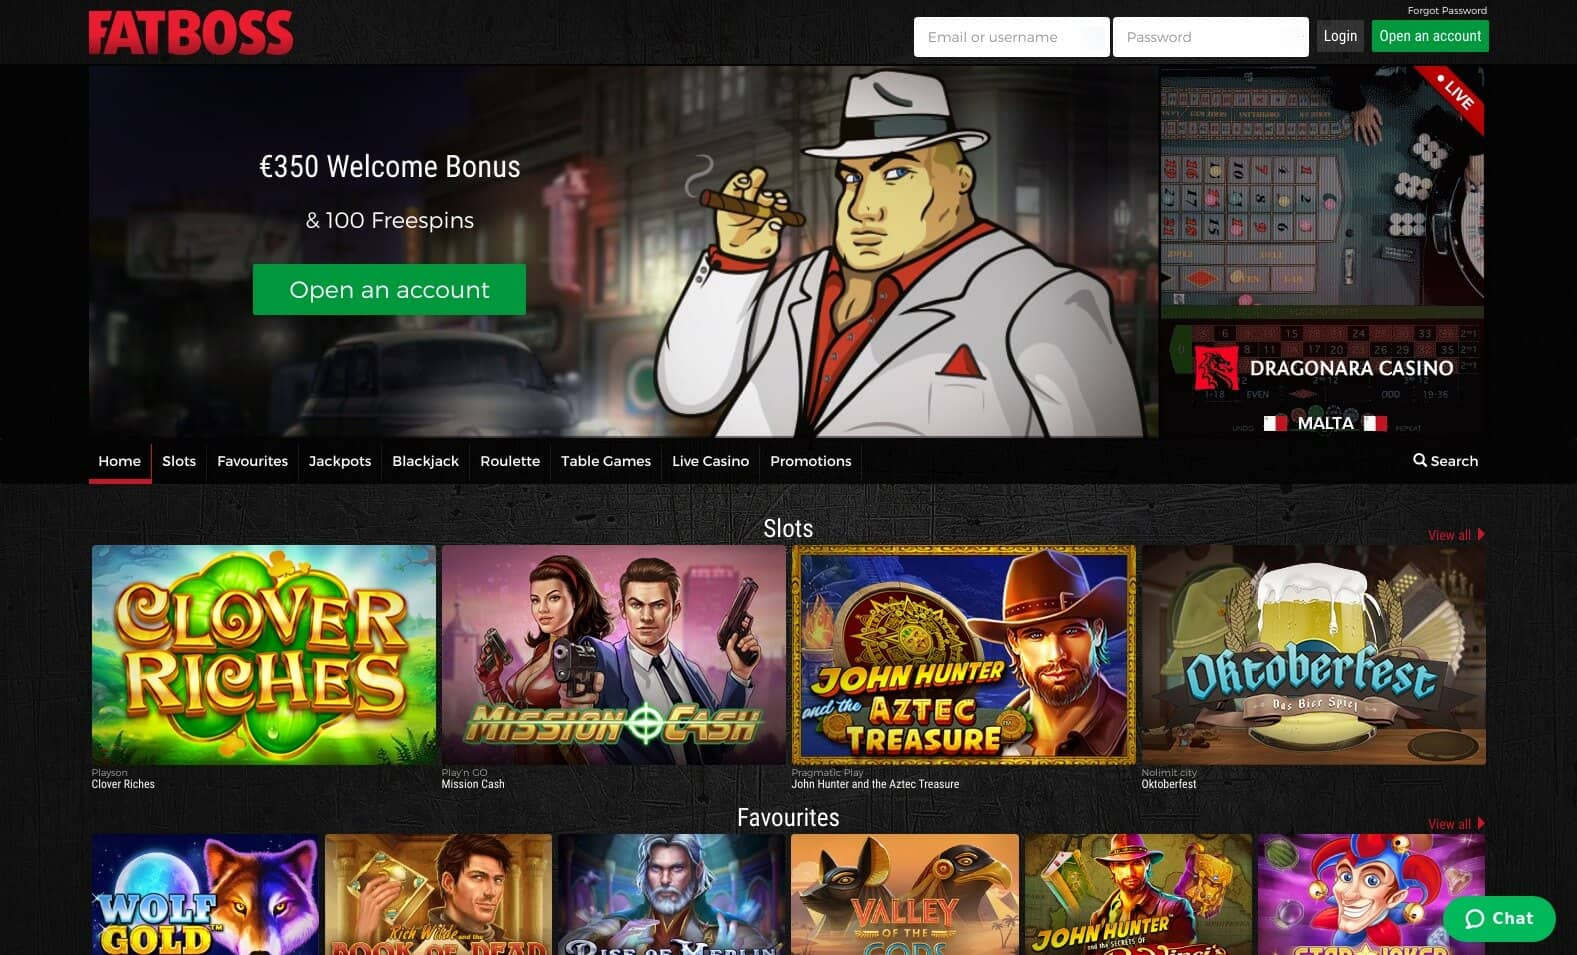 roulette-spelen.nl Fatboss homepage screenshot